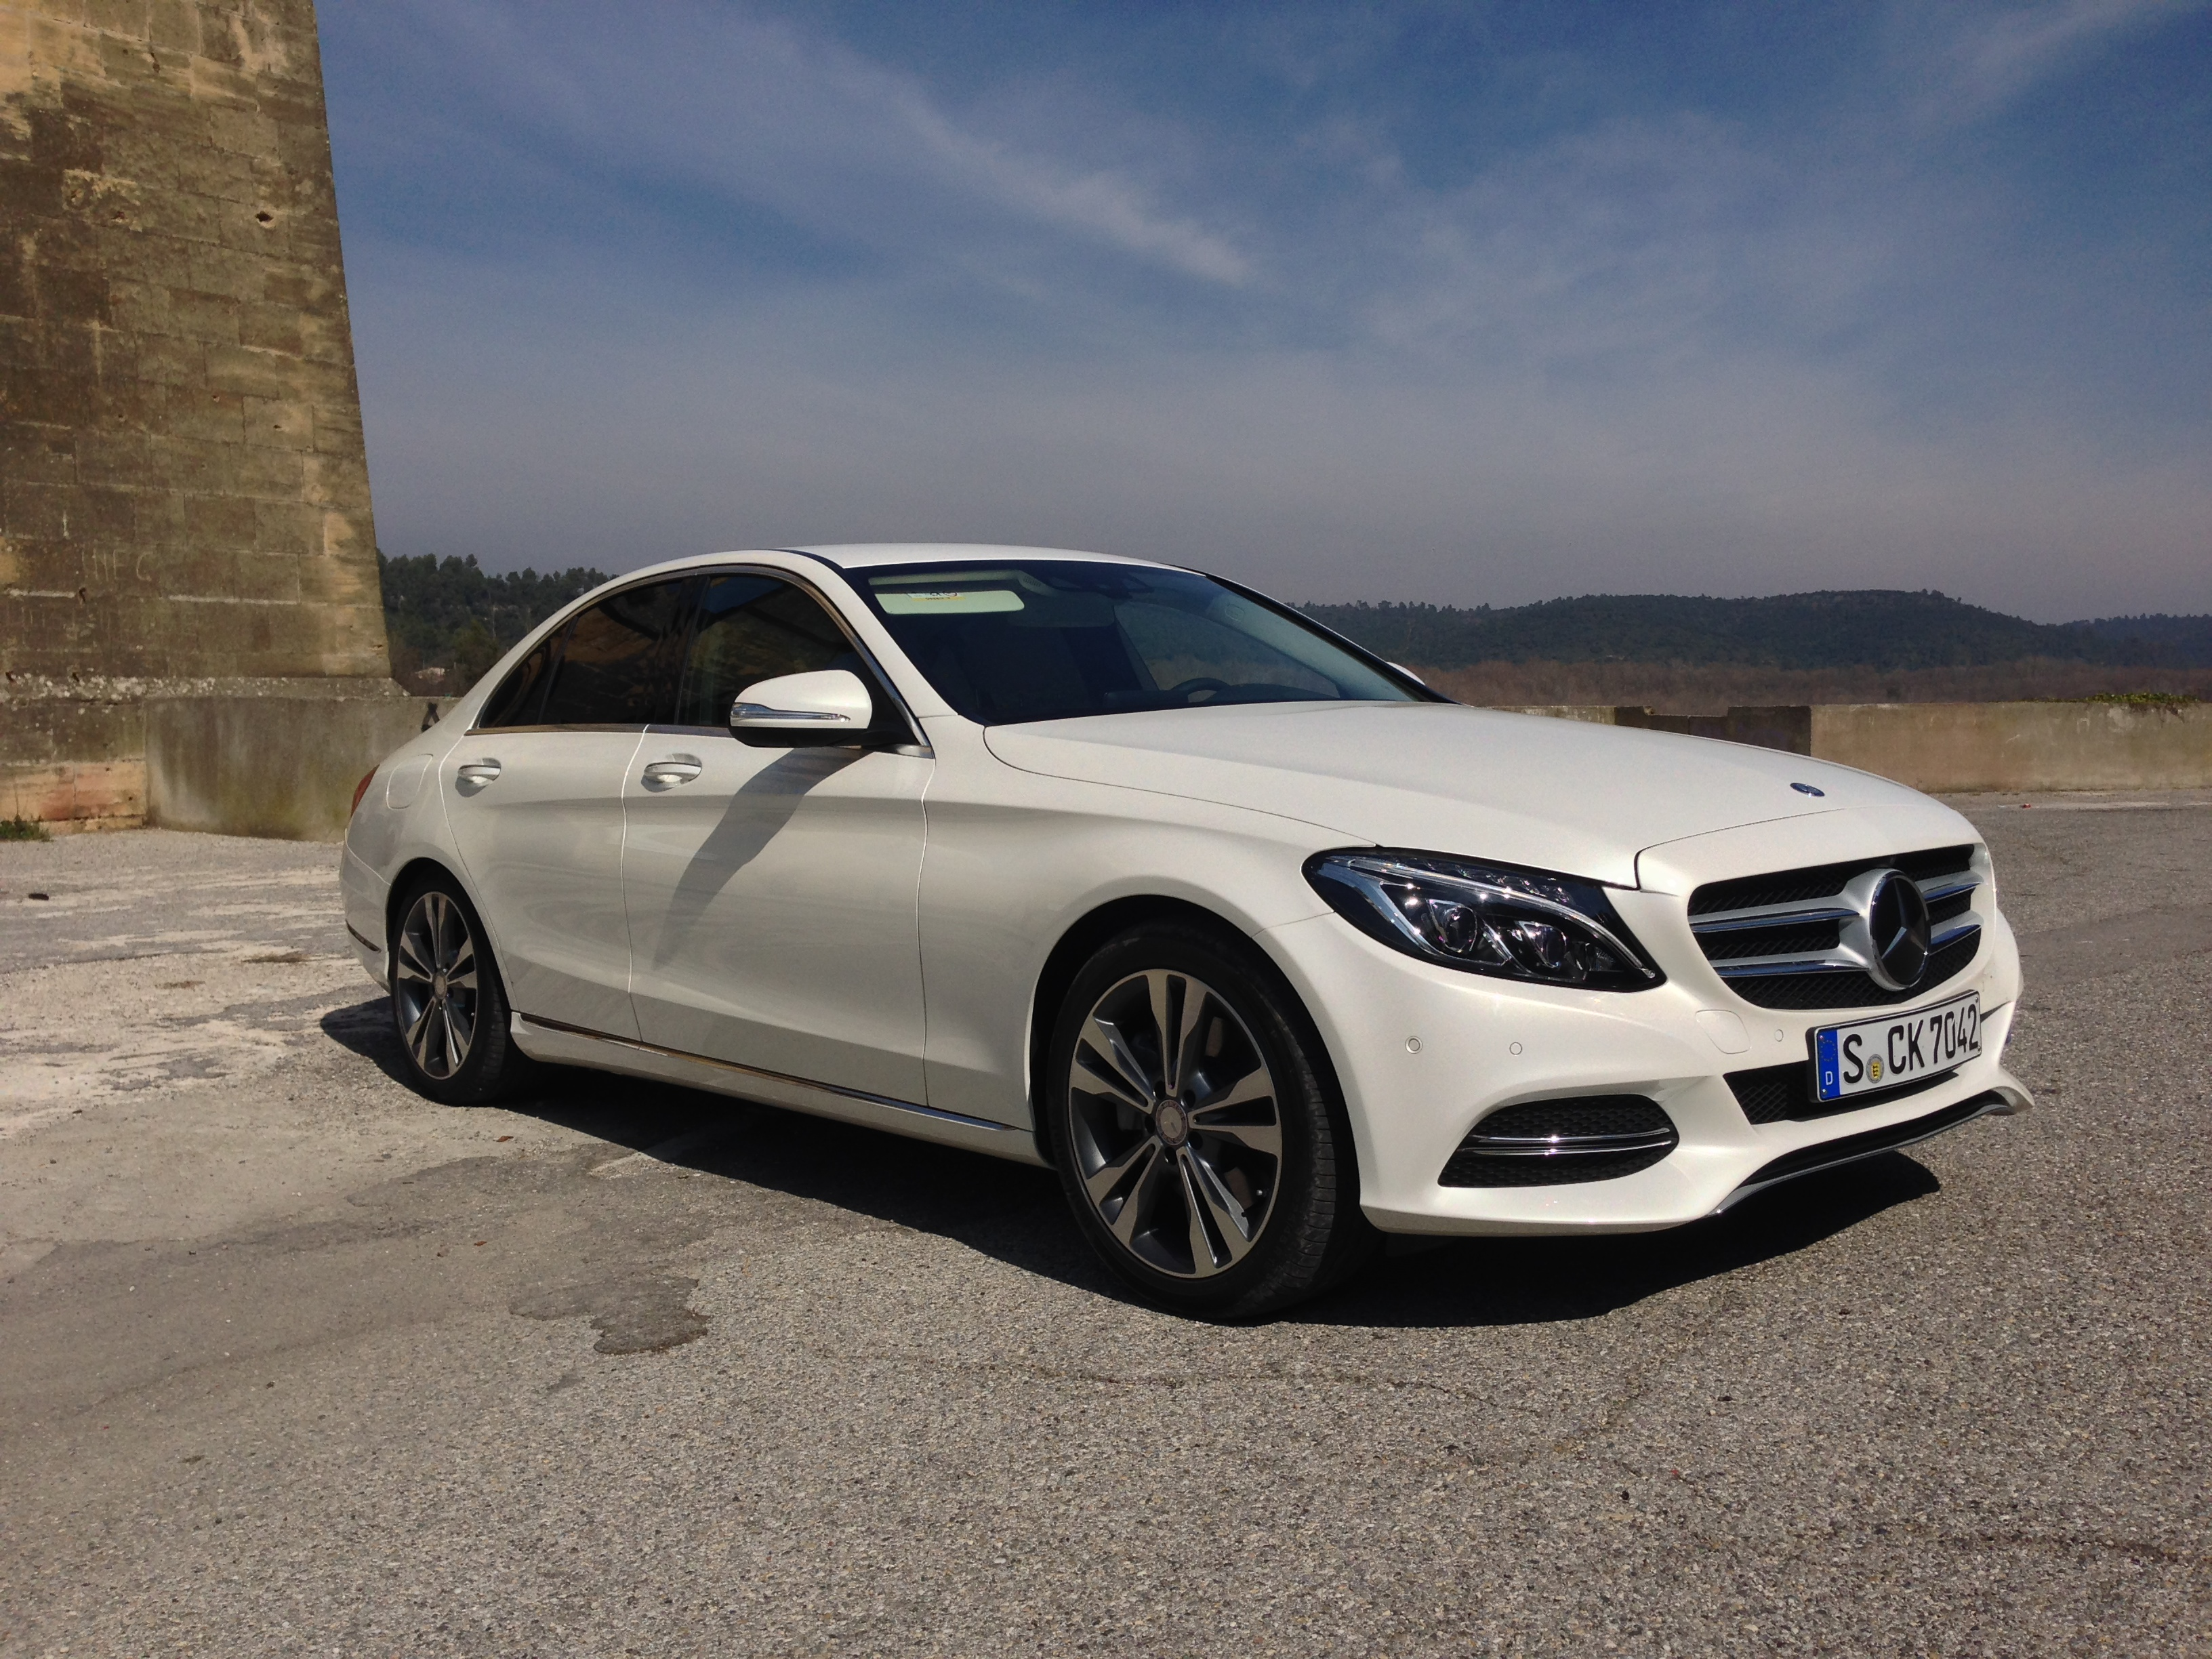 Mercedes C Klasse W Verbrauch